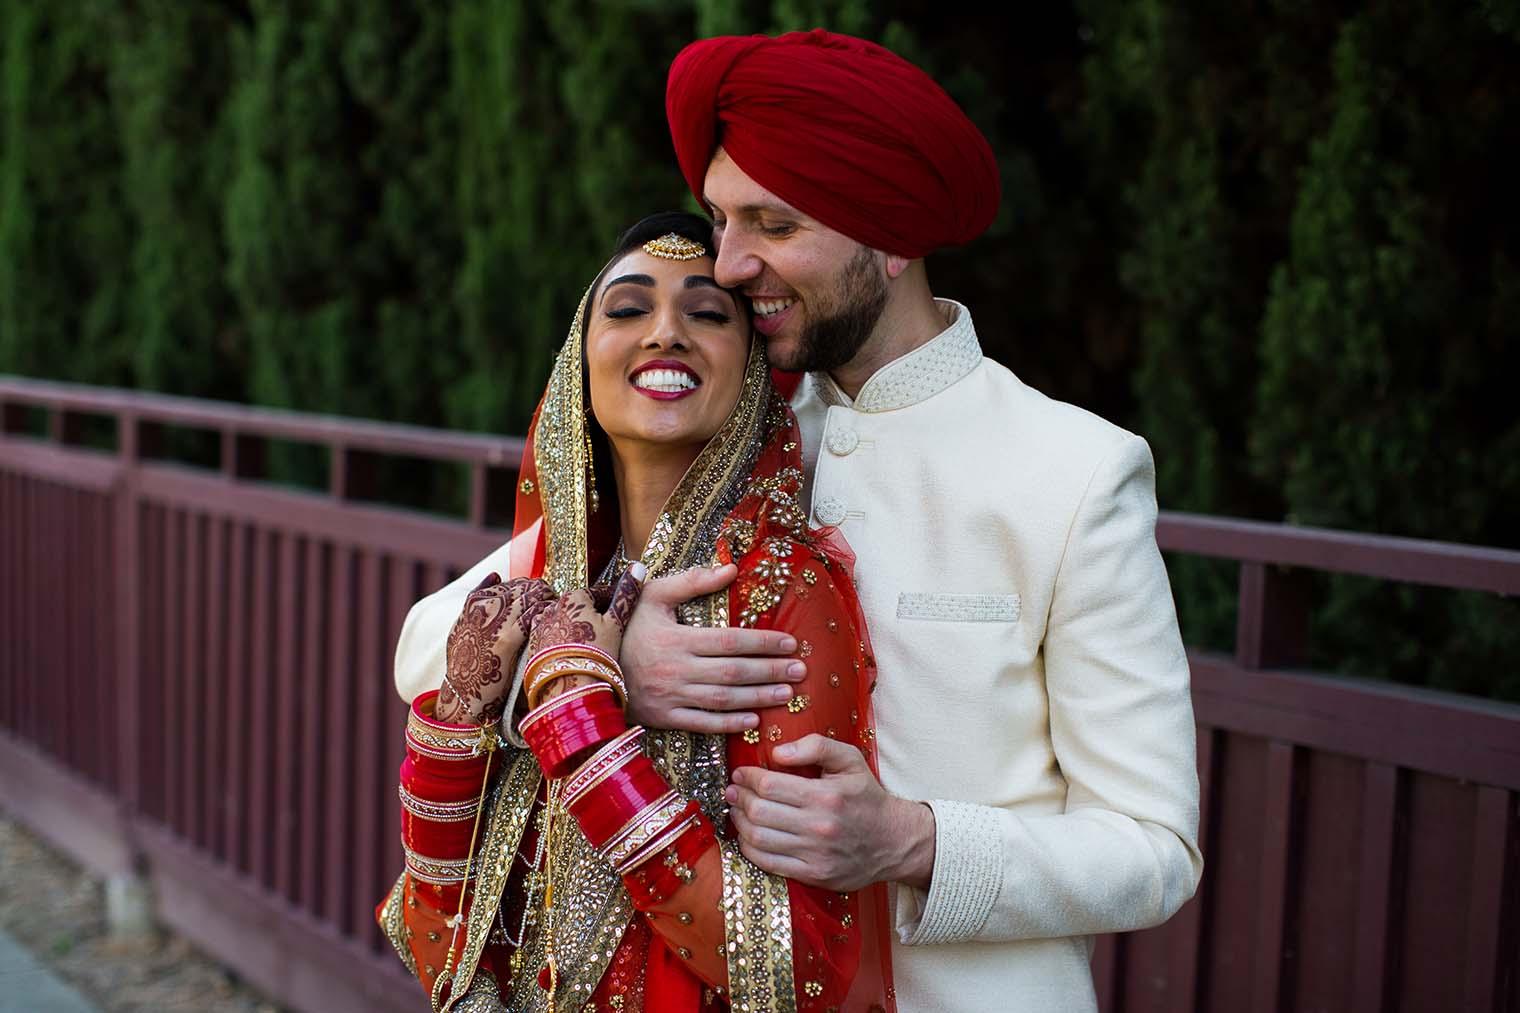 Gurdwara Sahib of Fremont Wedding Portraits